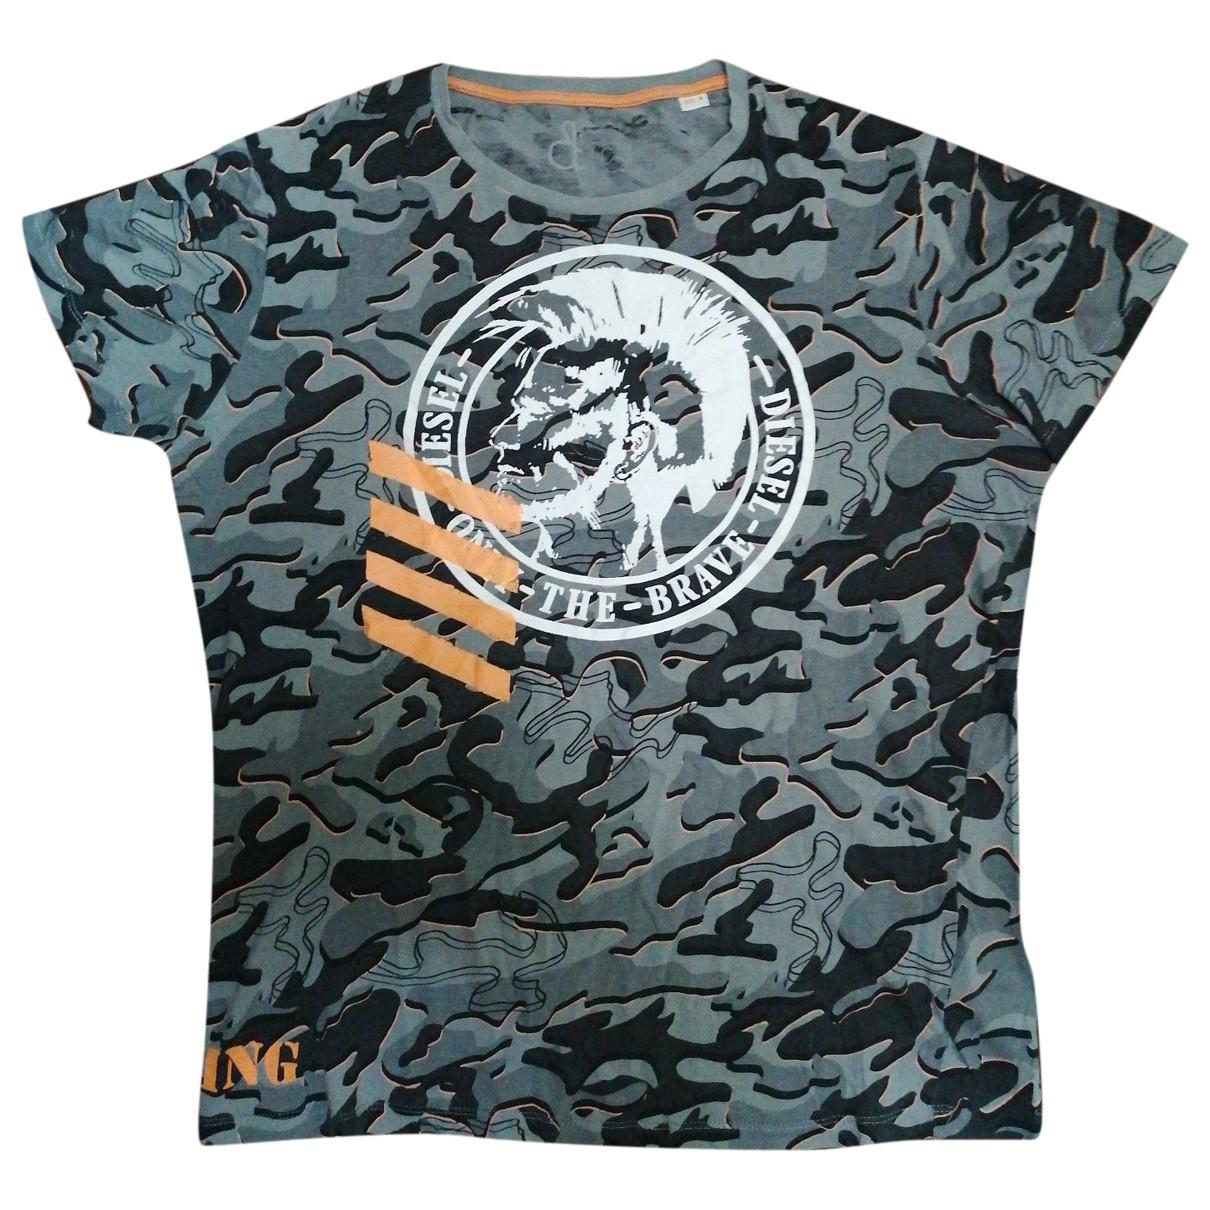 Diesel - Tee shirts   pour homme en coton - gris